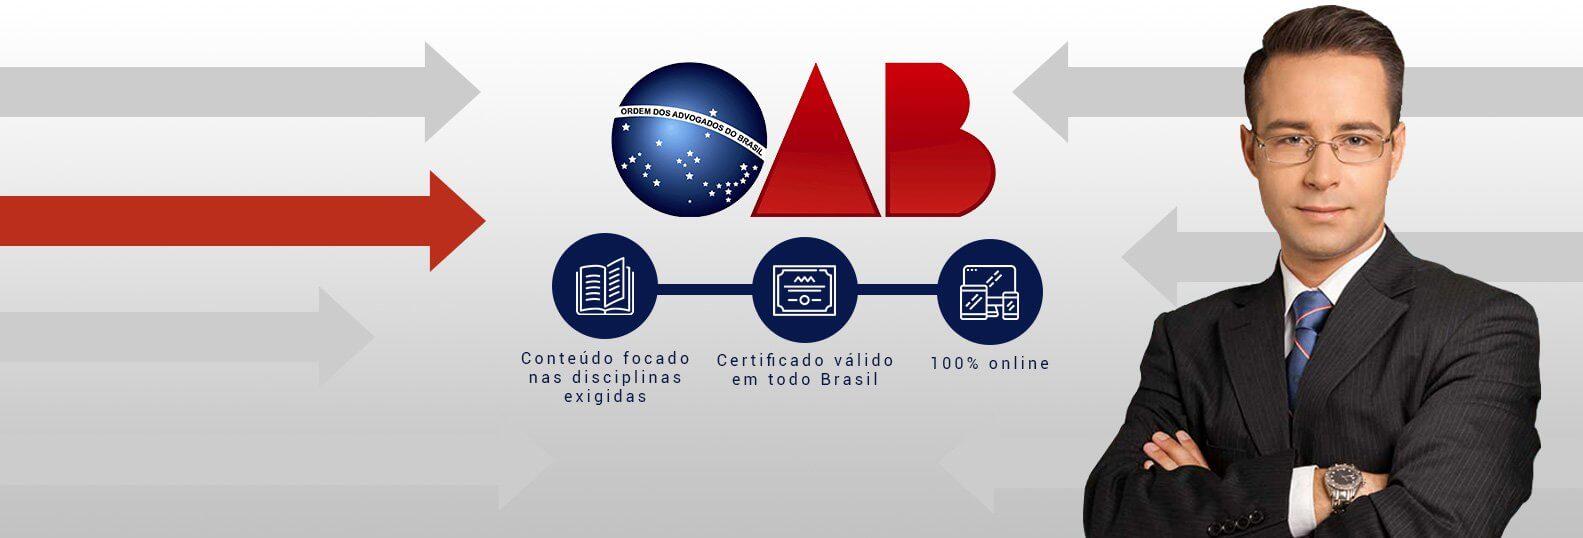 Seleção de cursos para estudar para OAB.